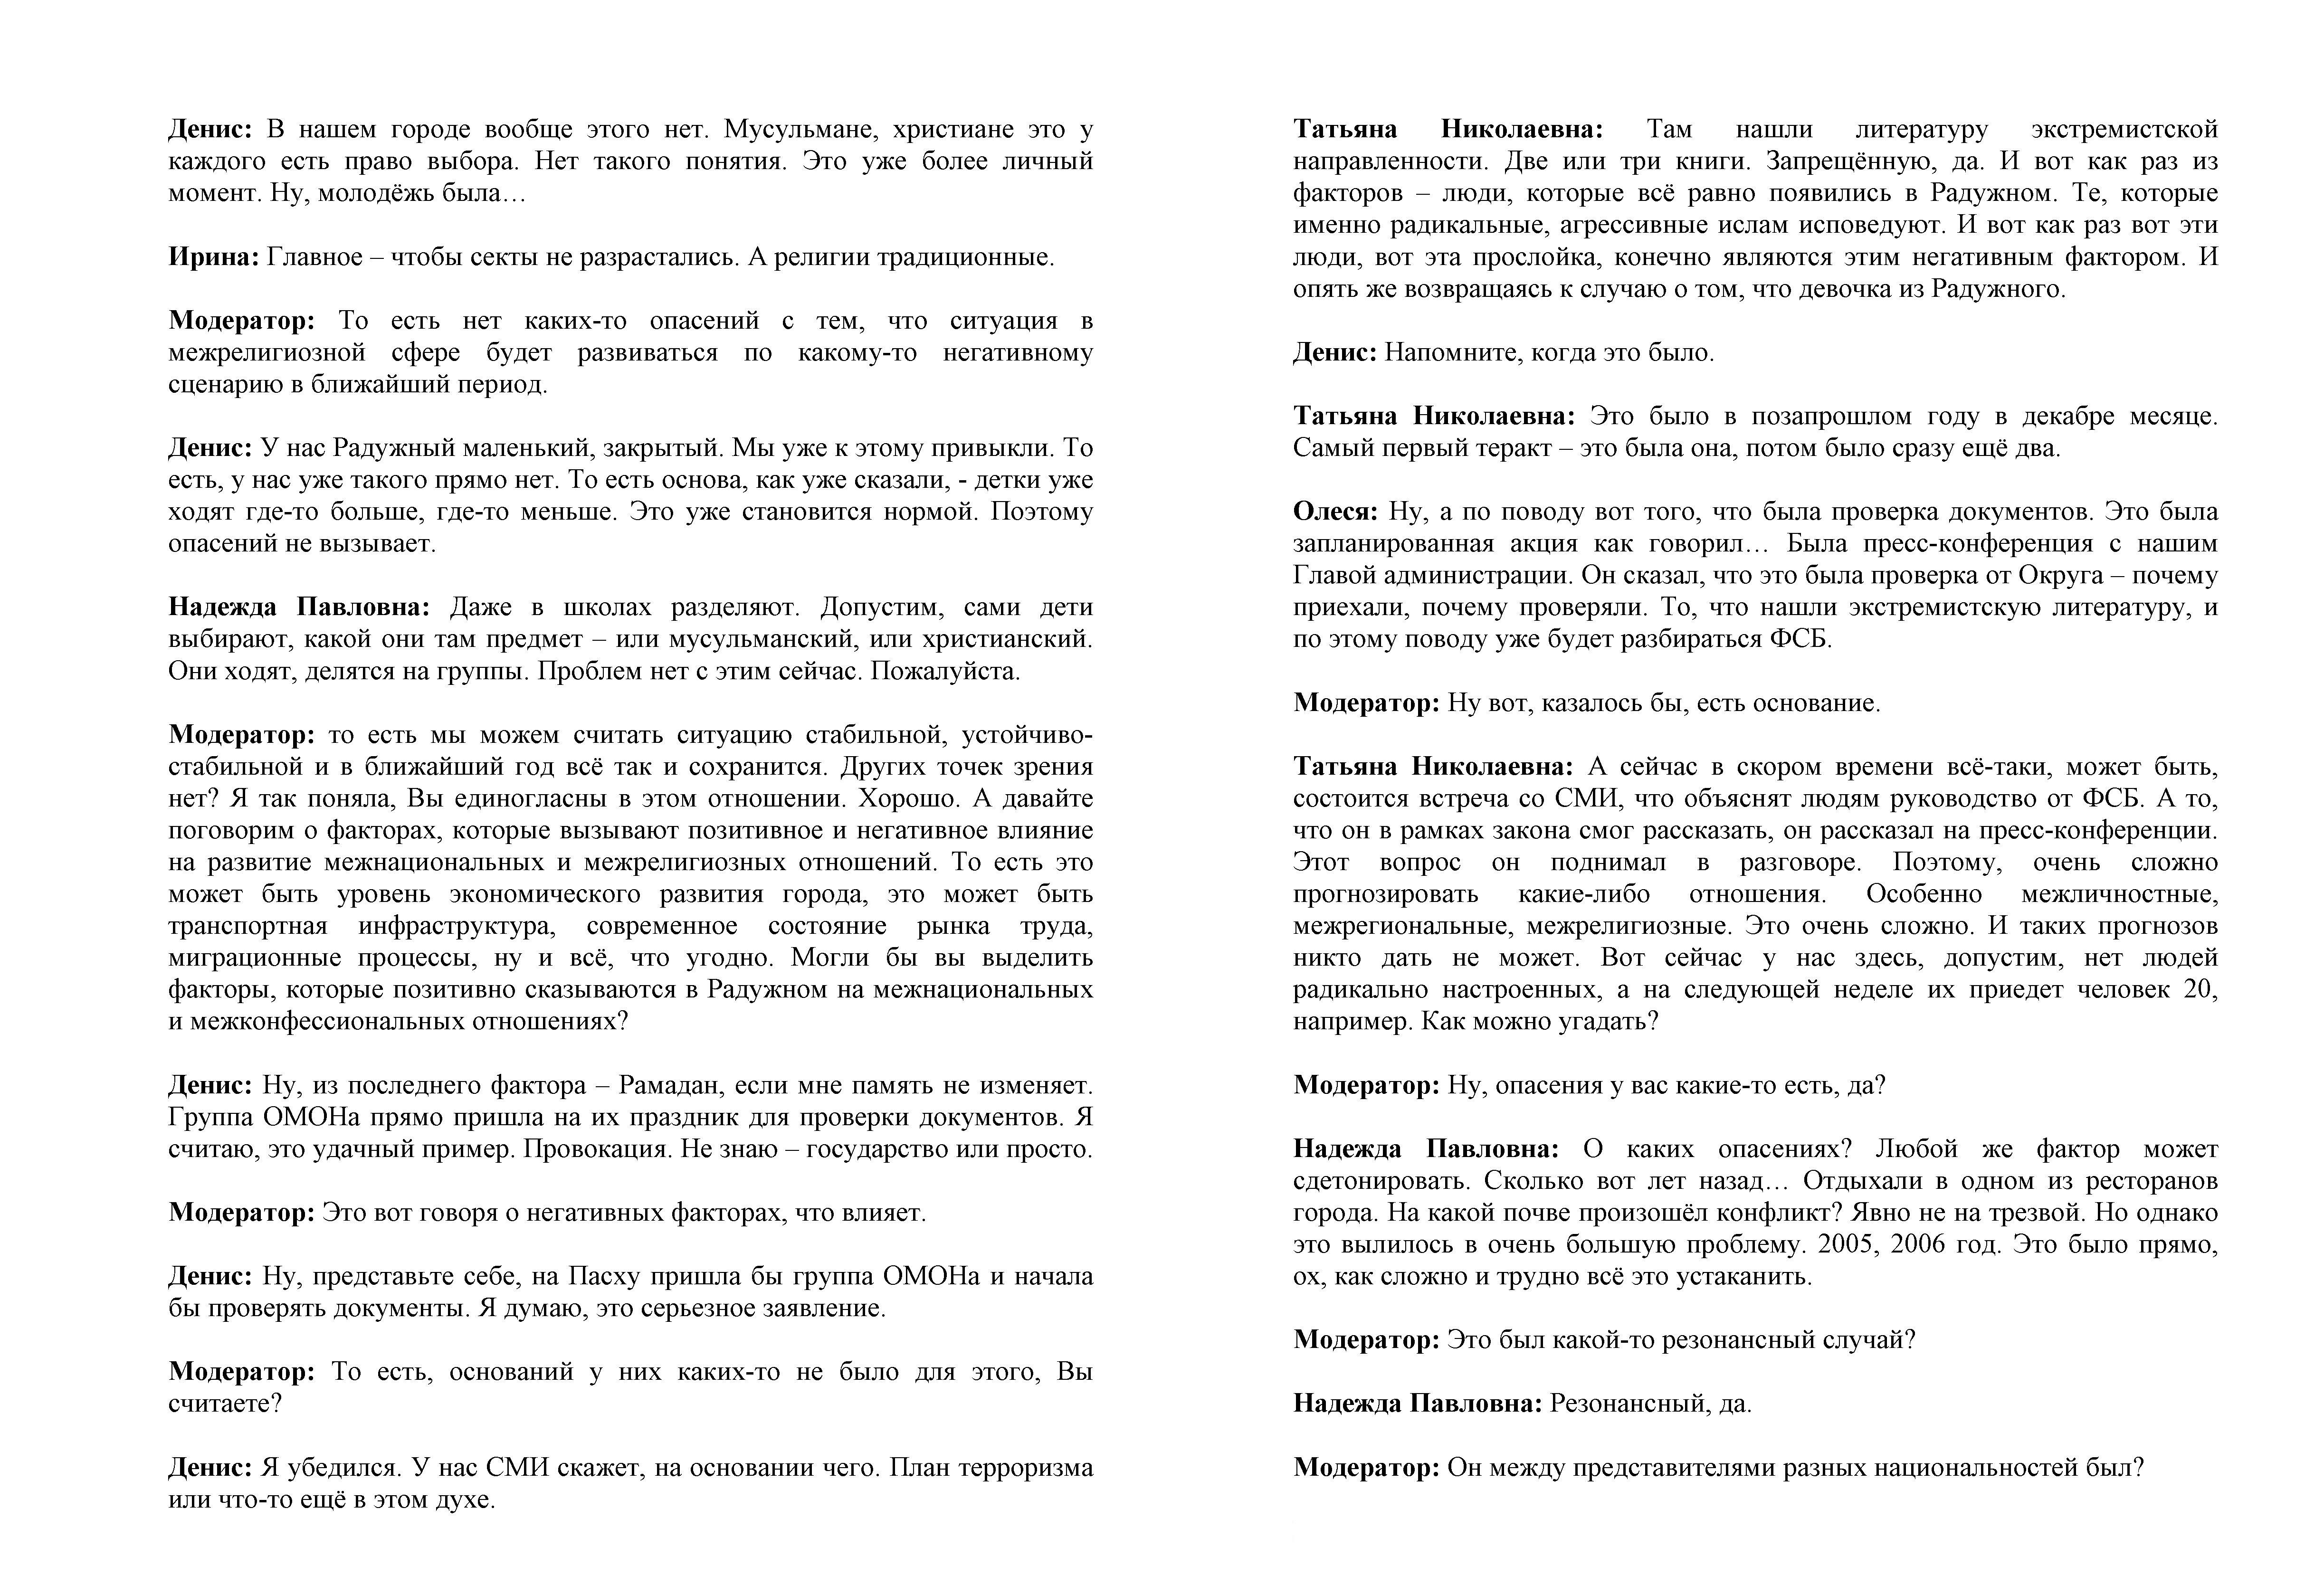 Фокус-группа: Межнациональные отношения в г. Радужный (ХМАО)